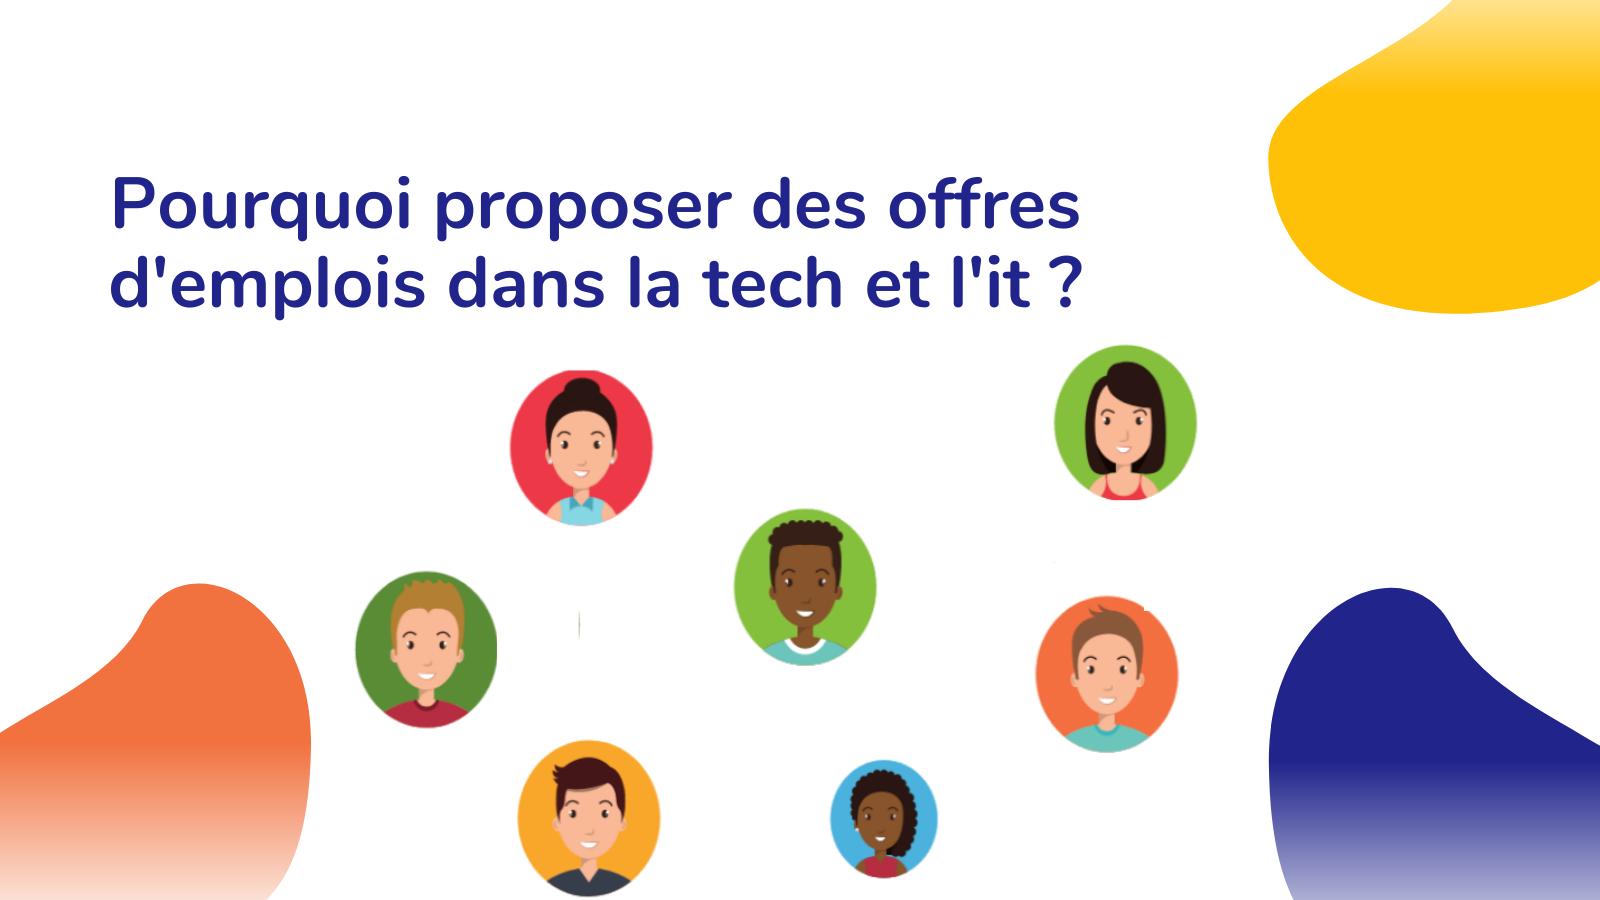 Pourquoi proposer des offres d'emplois dans la tech et l'it ?